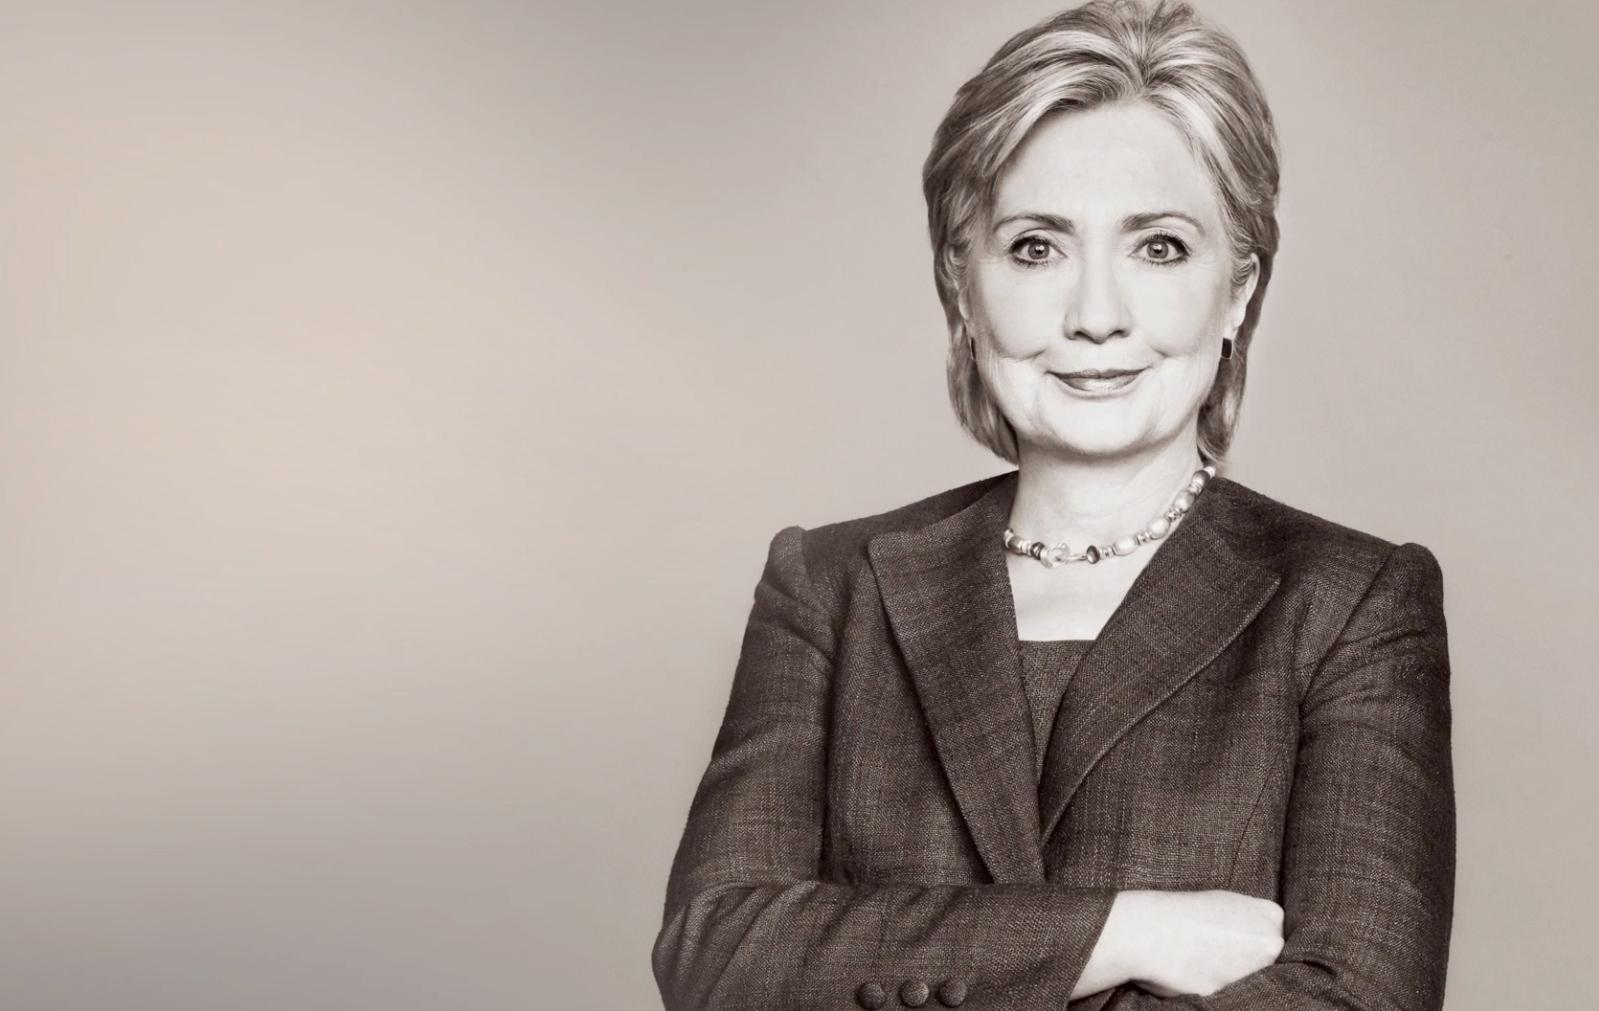 Hillary-clinton-8b5ba9f07cc0fdc9153e423d8064882c-